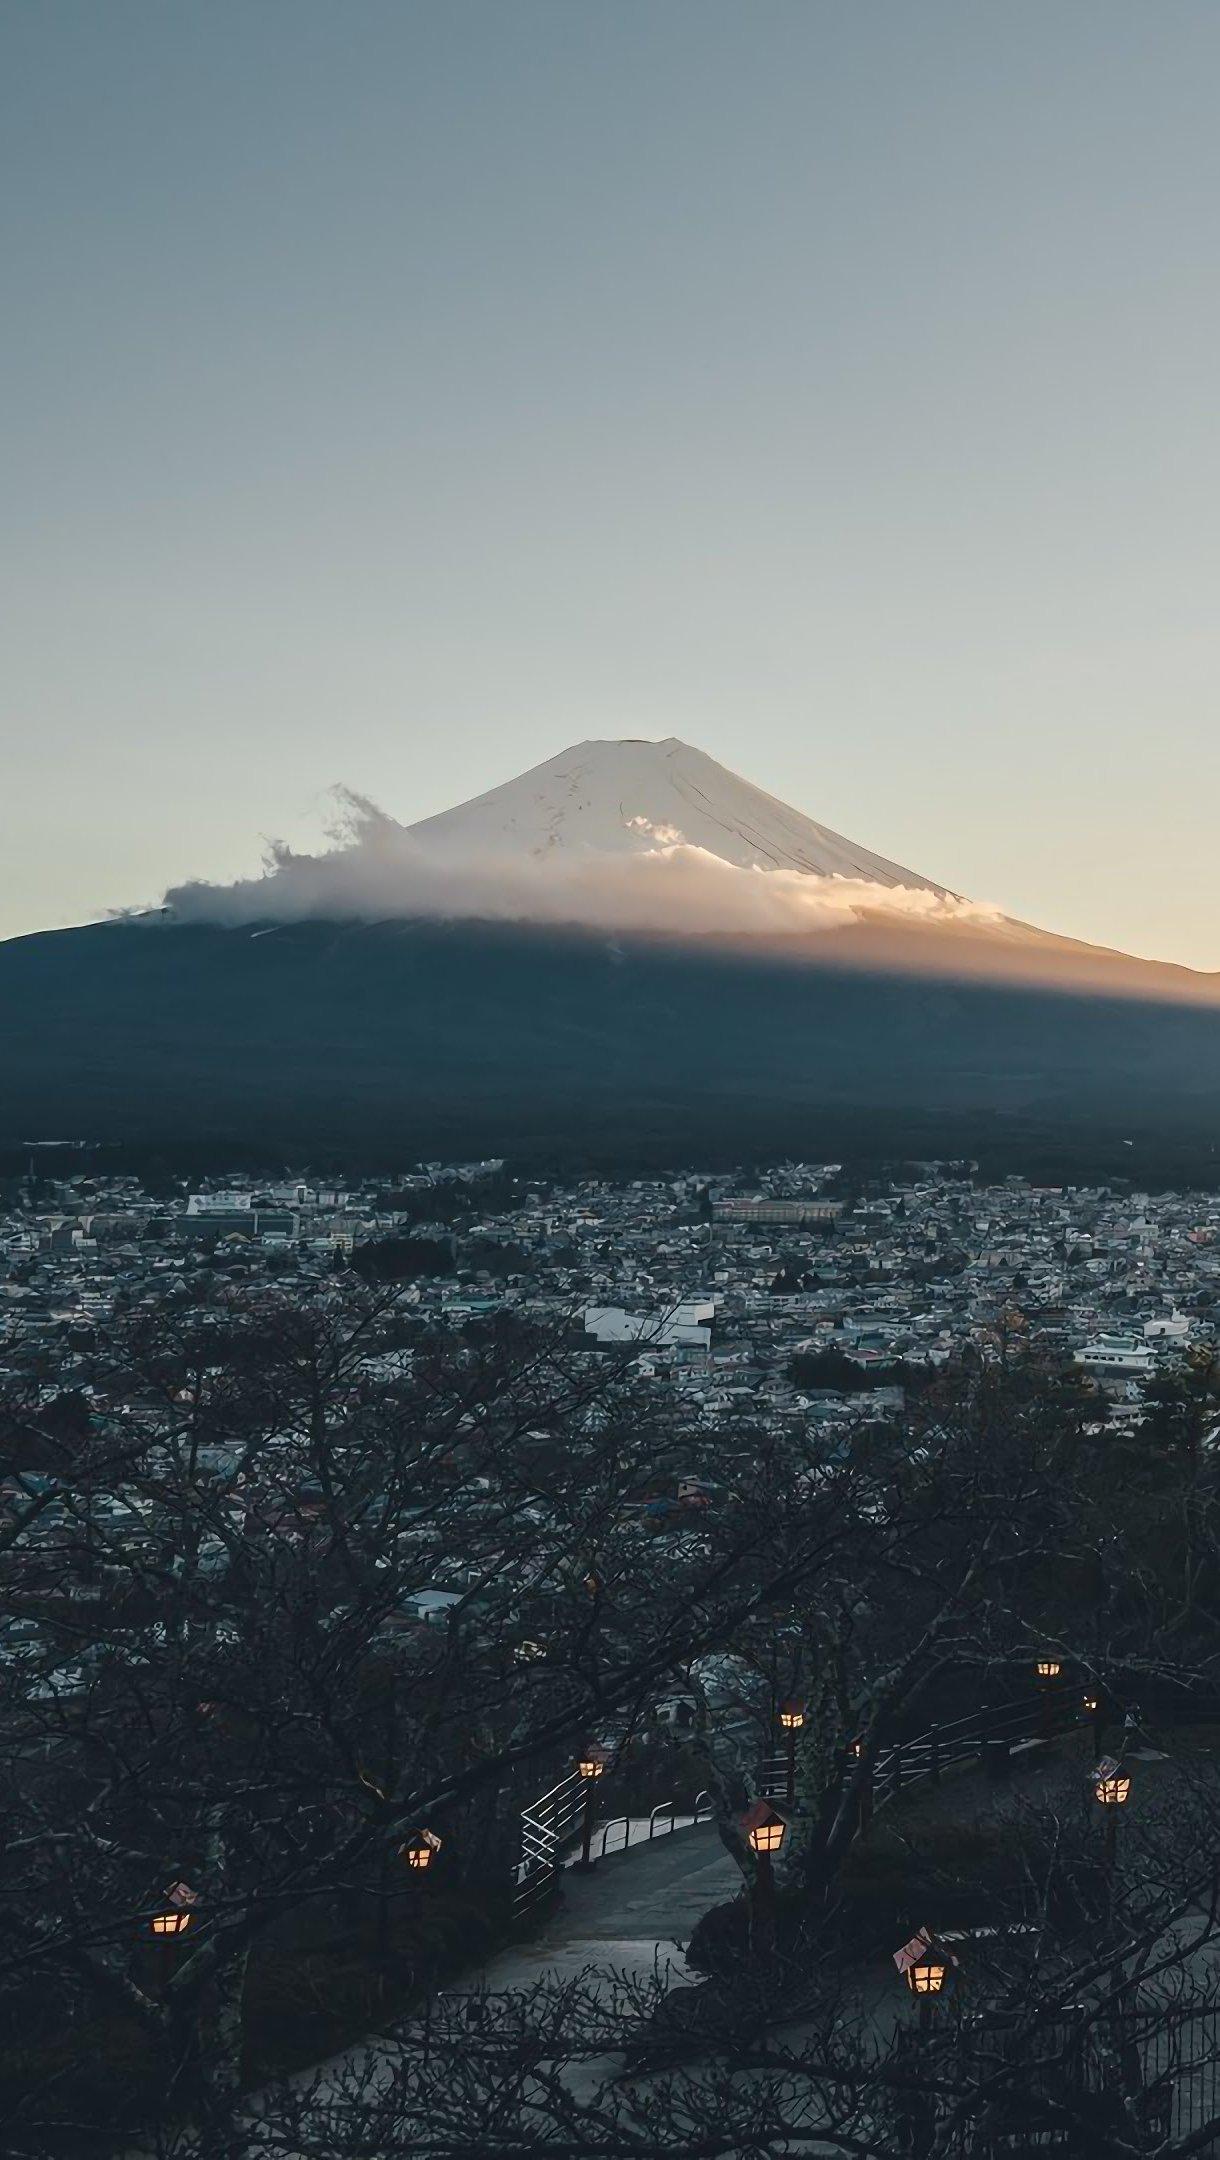 Wallpaper Mount Fuji and Japan City Vertical